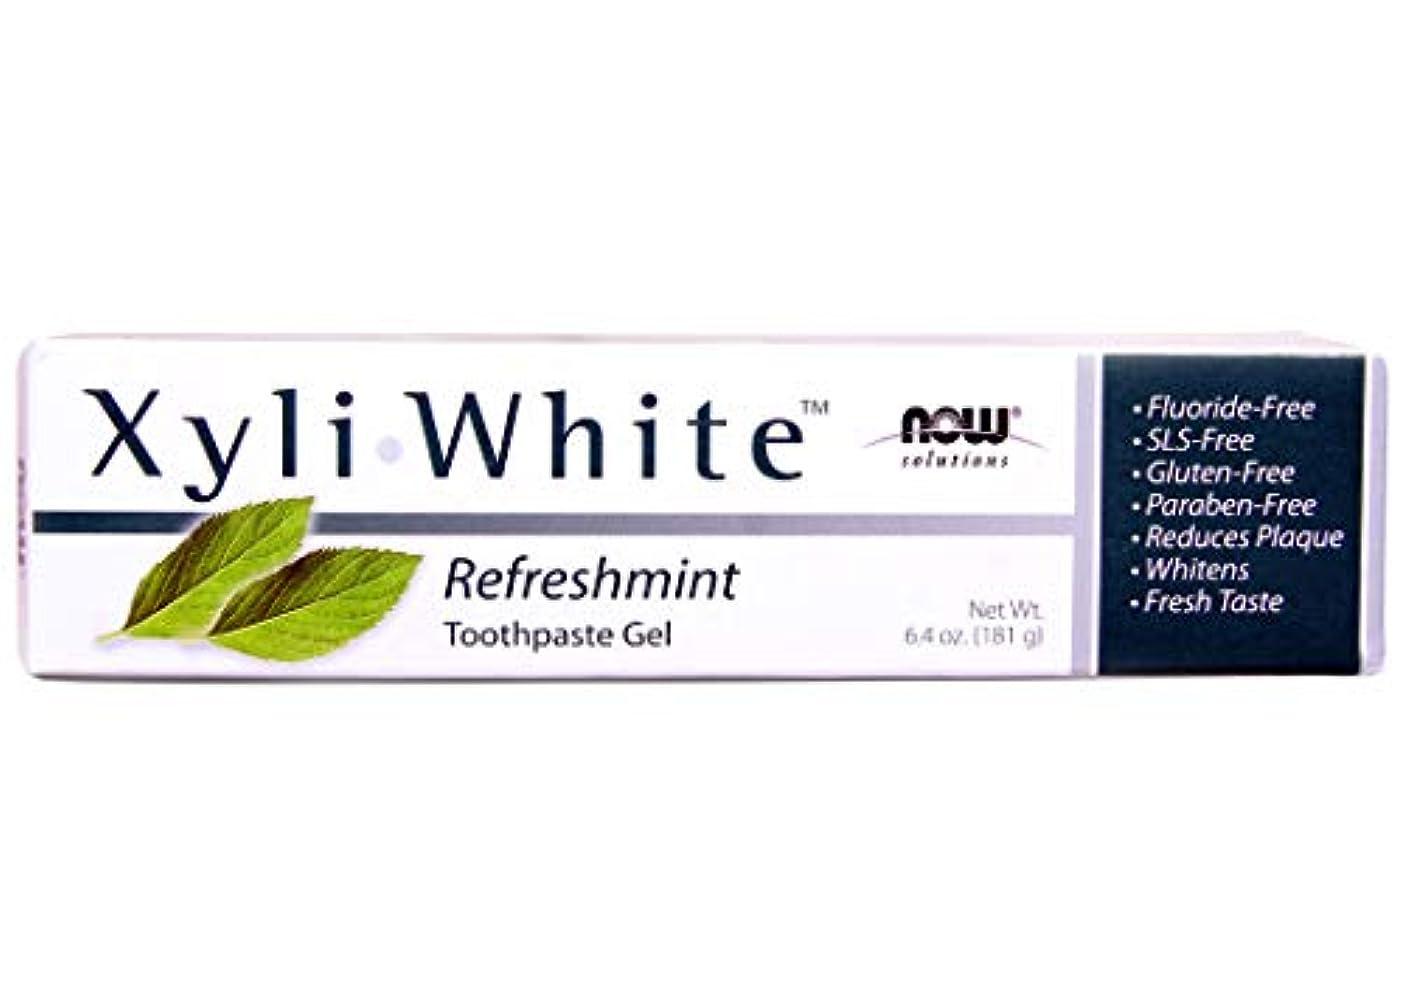 レビューリアルポンド[海外直送品] ナウフーズ キシリホワイト リフレッシュミント歯磨きジェル 181g